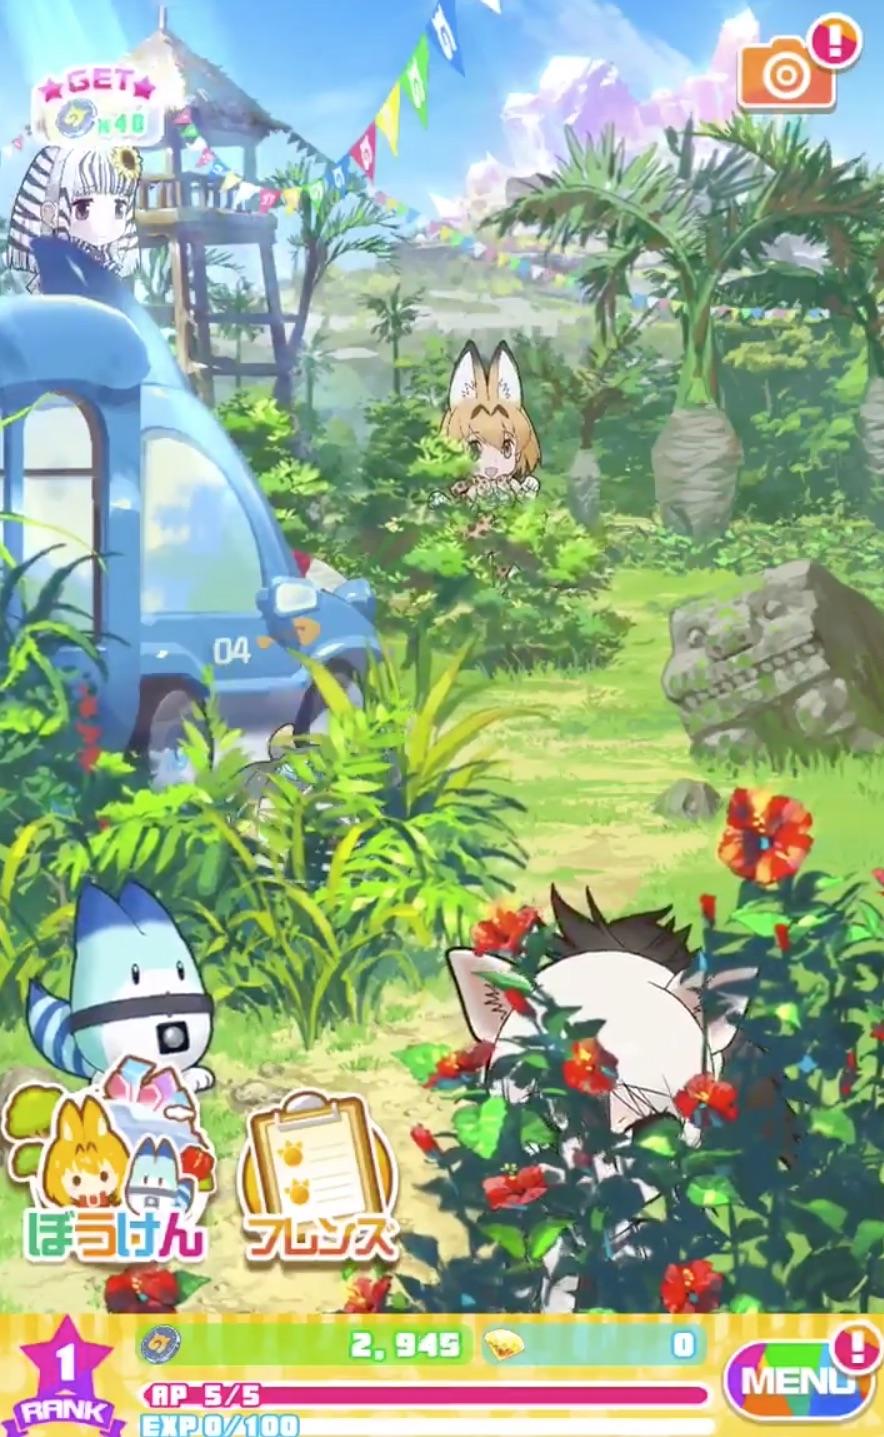 《兽娘动物园 FESTIVAL》开发中游戏画面公布 2